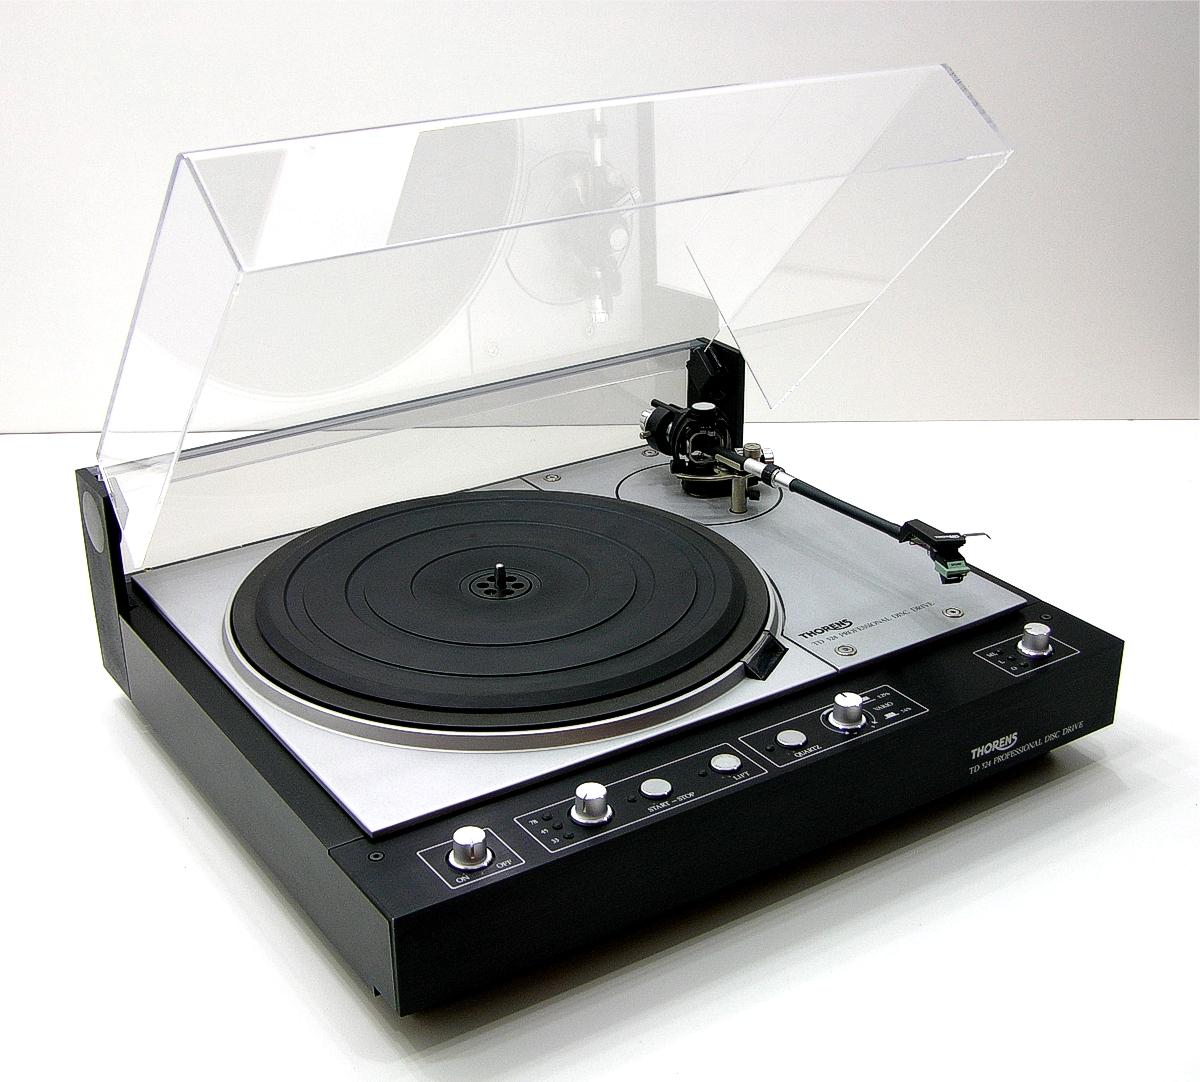 thorens td524 studioplattenspieler mit emt laufwerk ebay. Black Bedroom Furniture Sets. Home Design Ideas